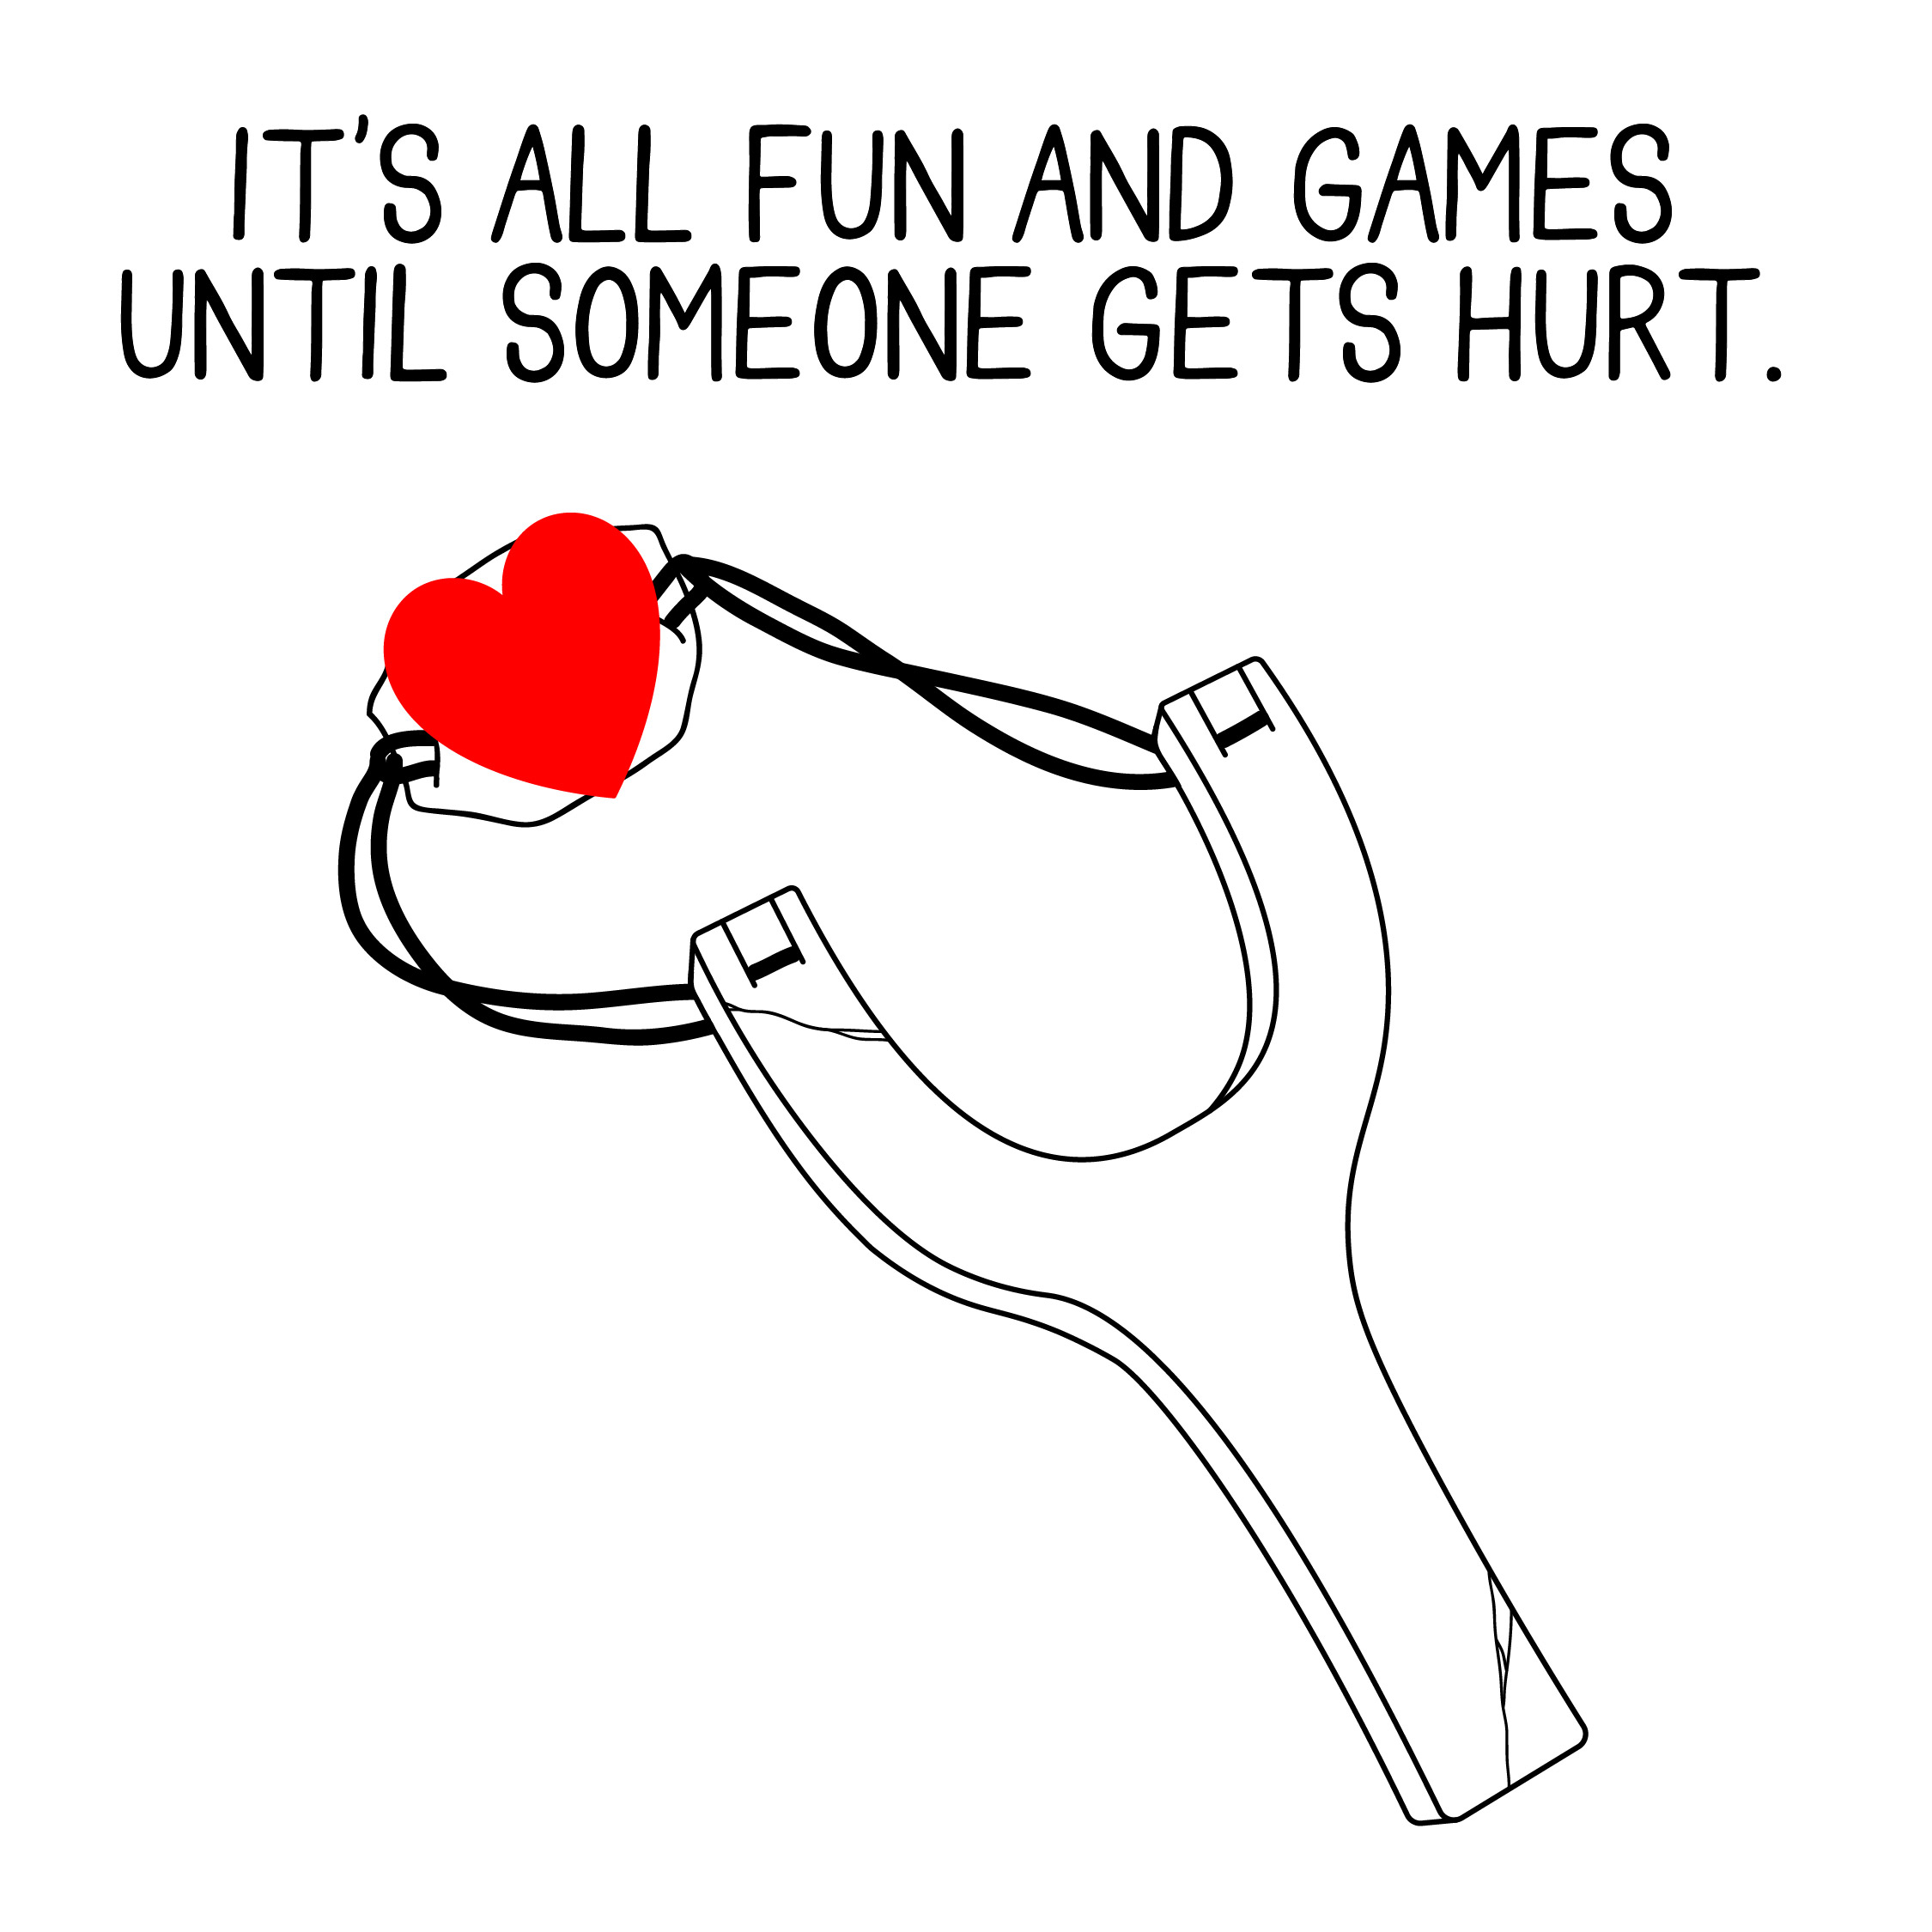 funandgames-01.jpg